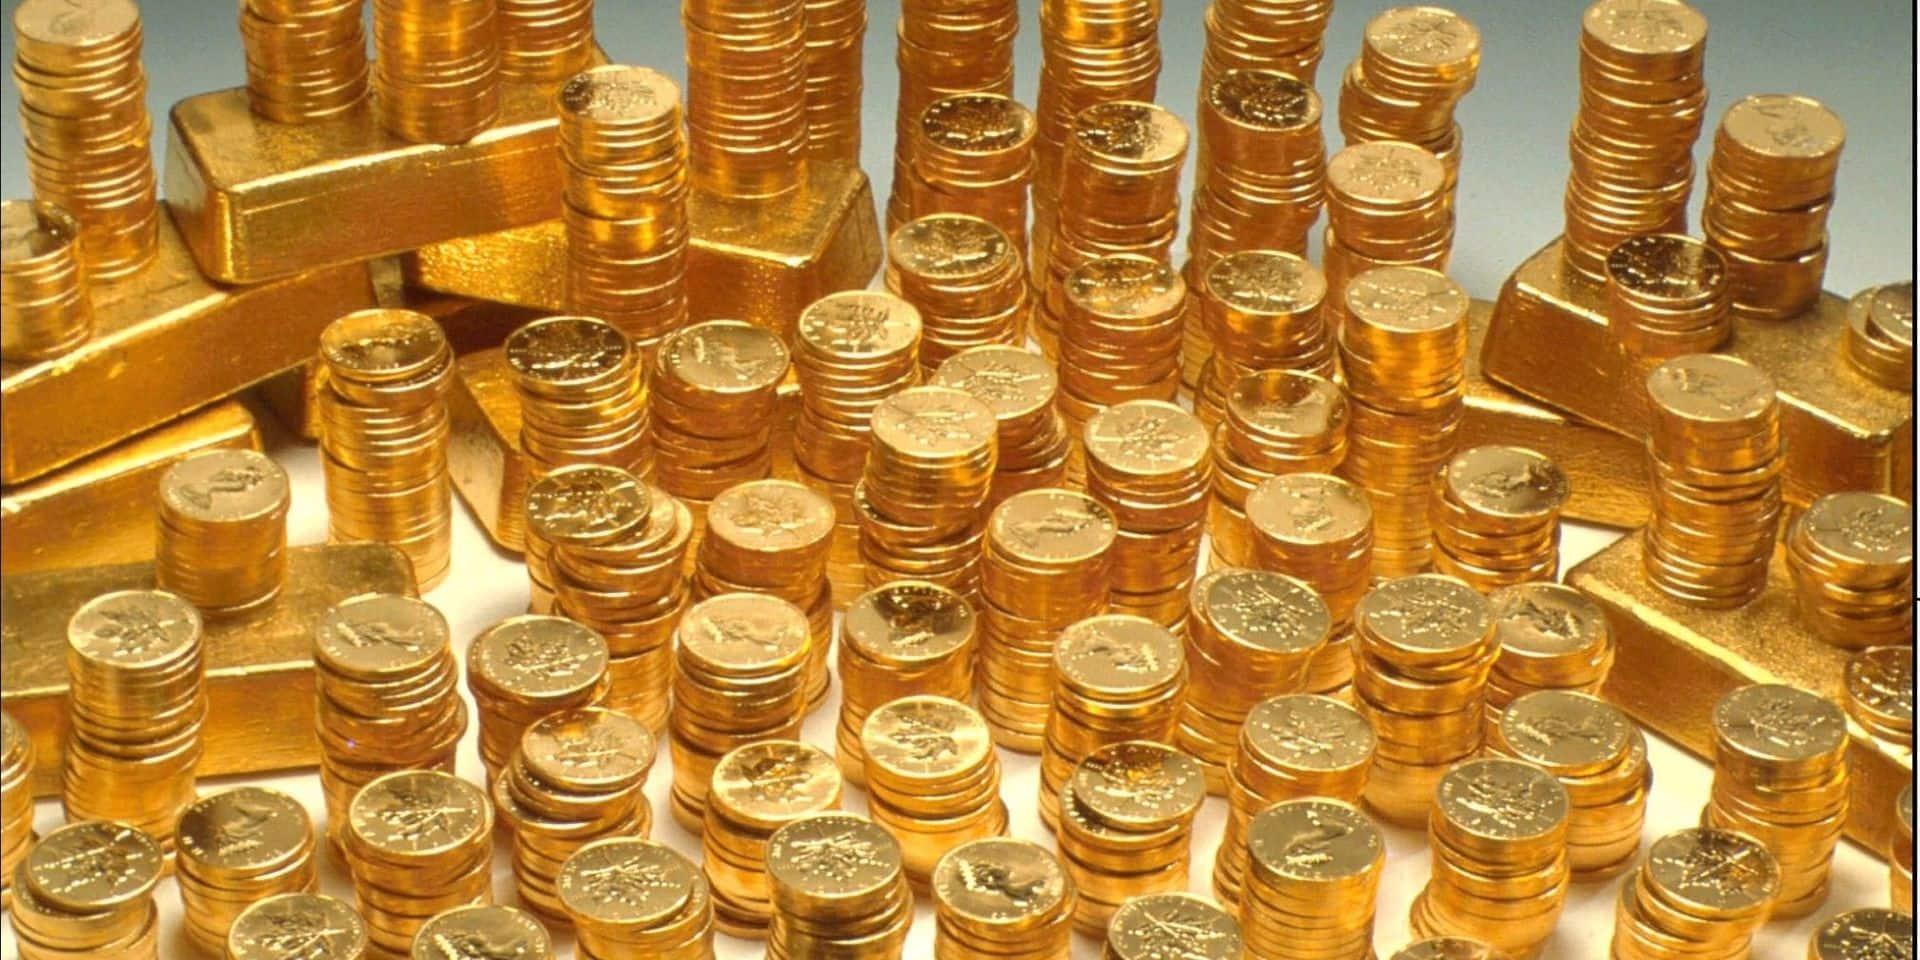 Il dépouille sa bienfaitrice de ses pièces d'or : 20 mois de prison